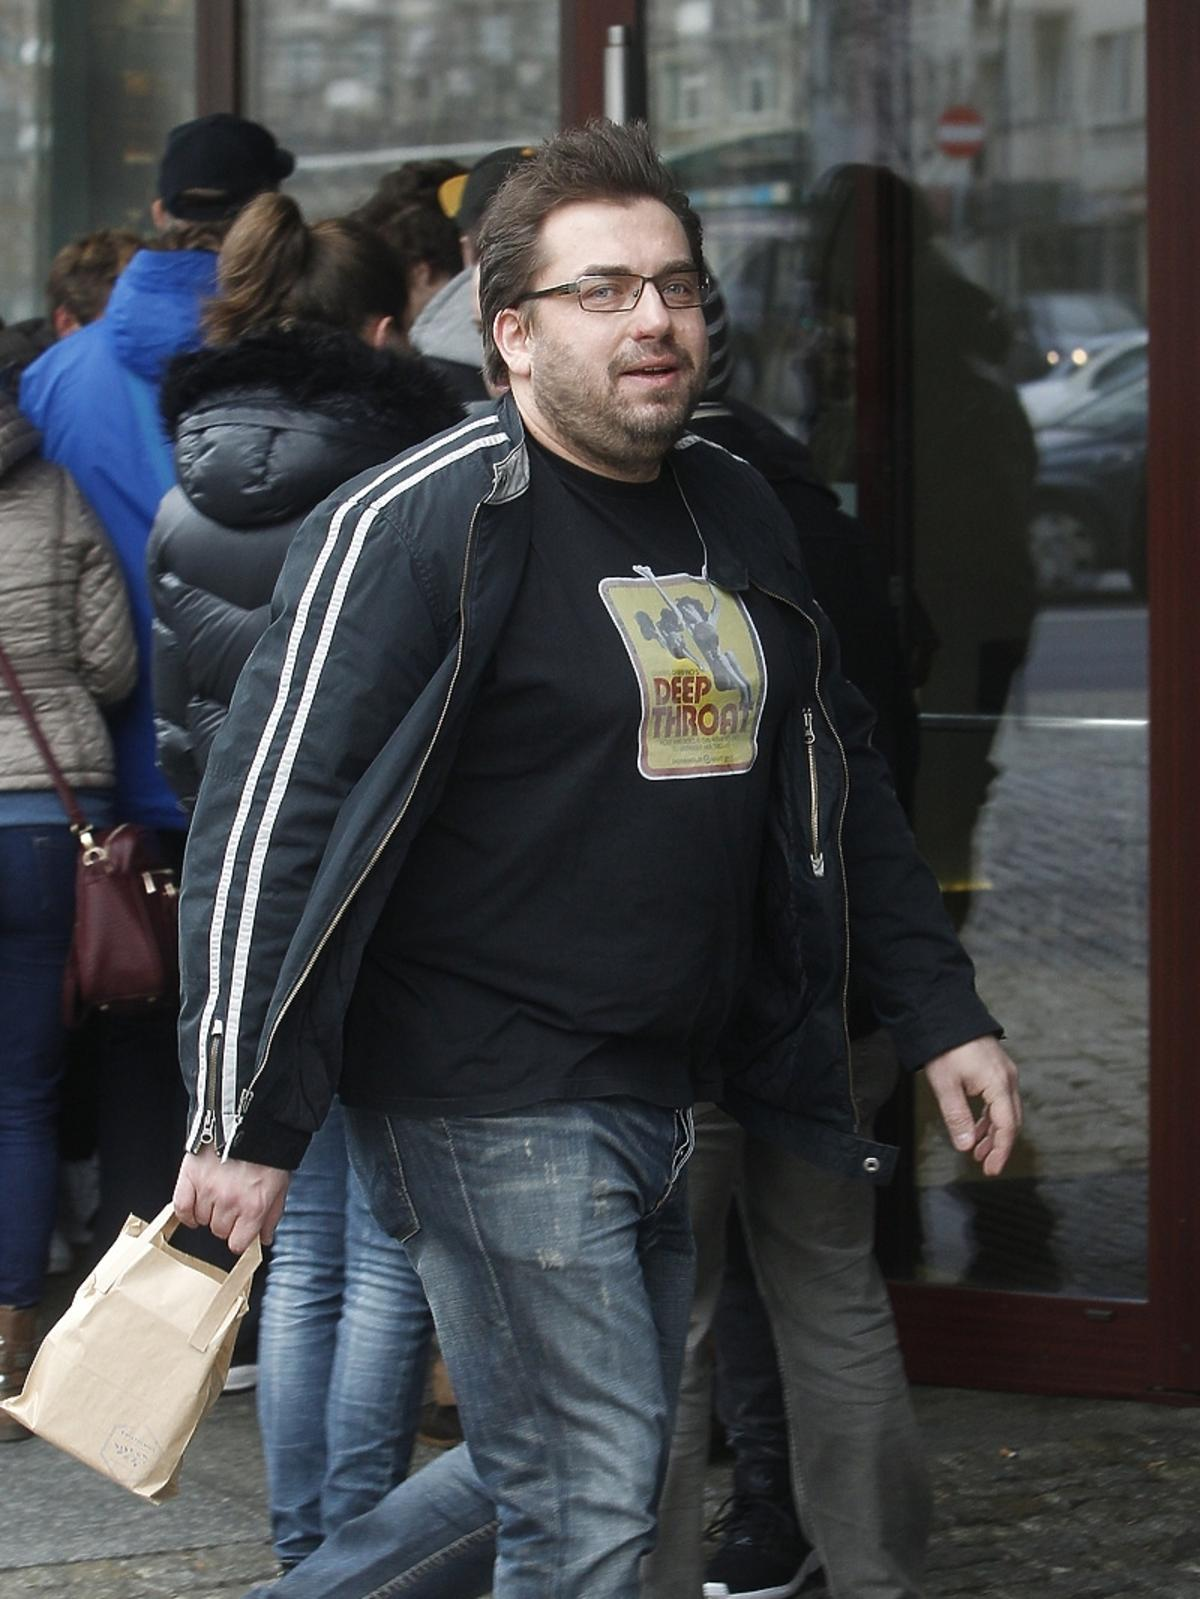 Bartek Węglarczyk przed studiem Dzień Dobry TVN